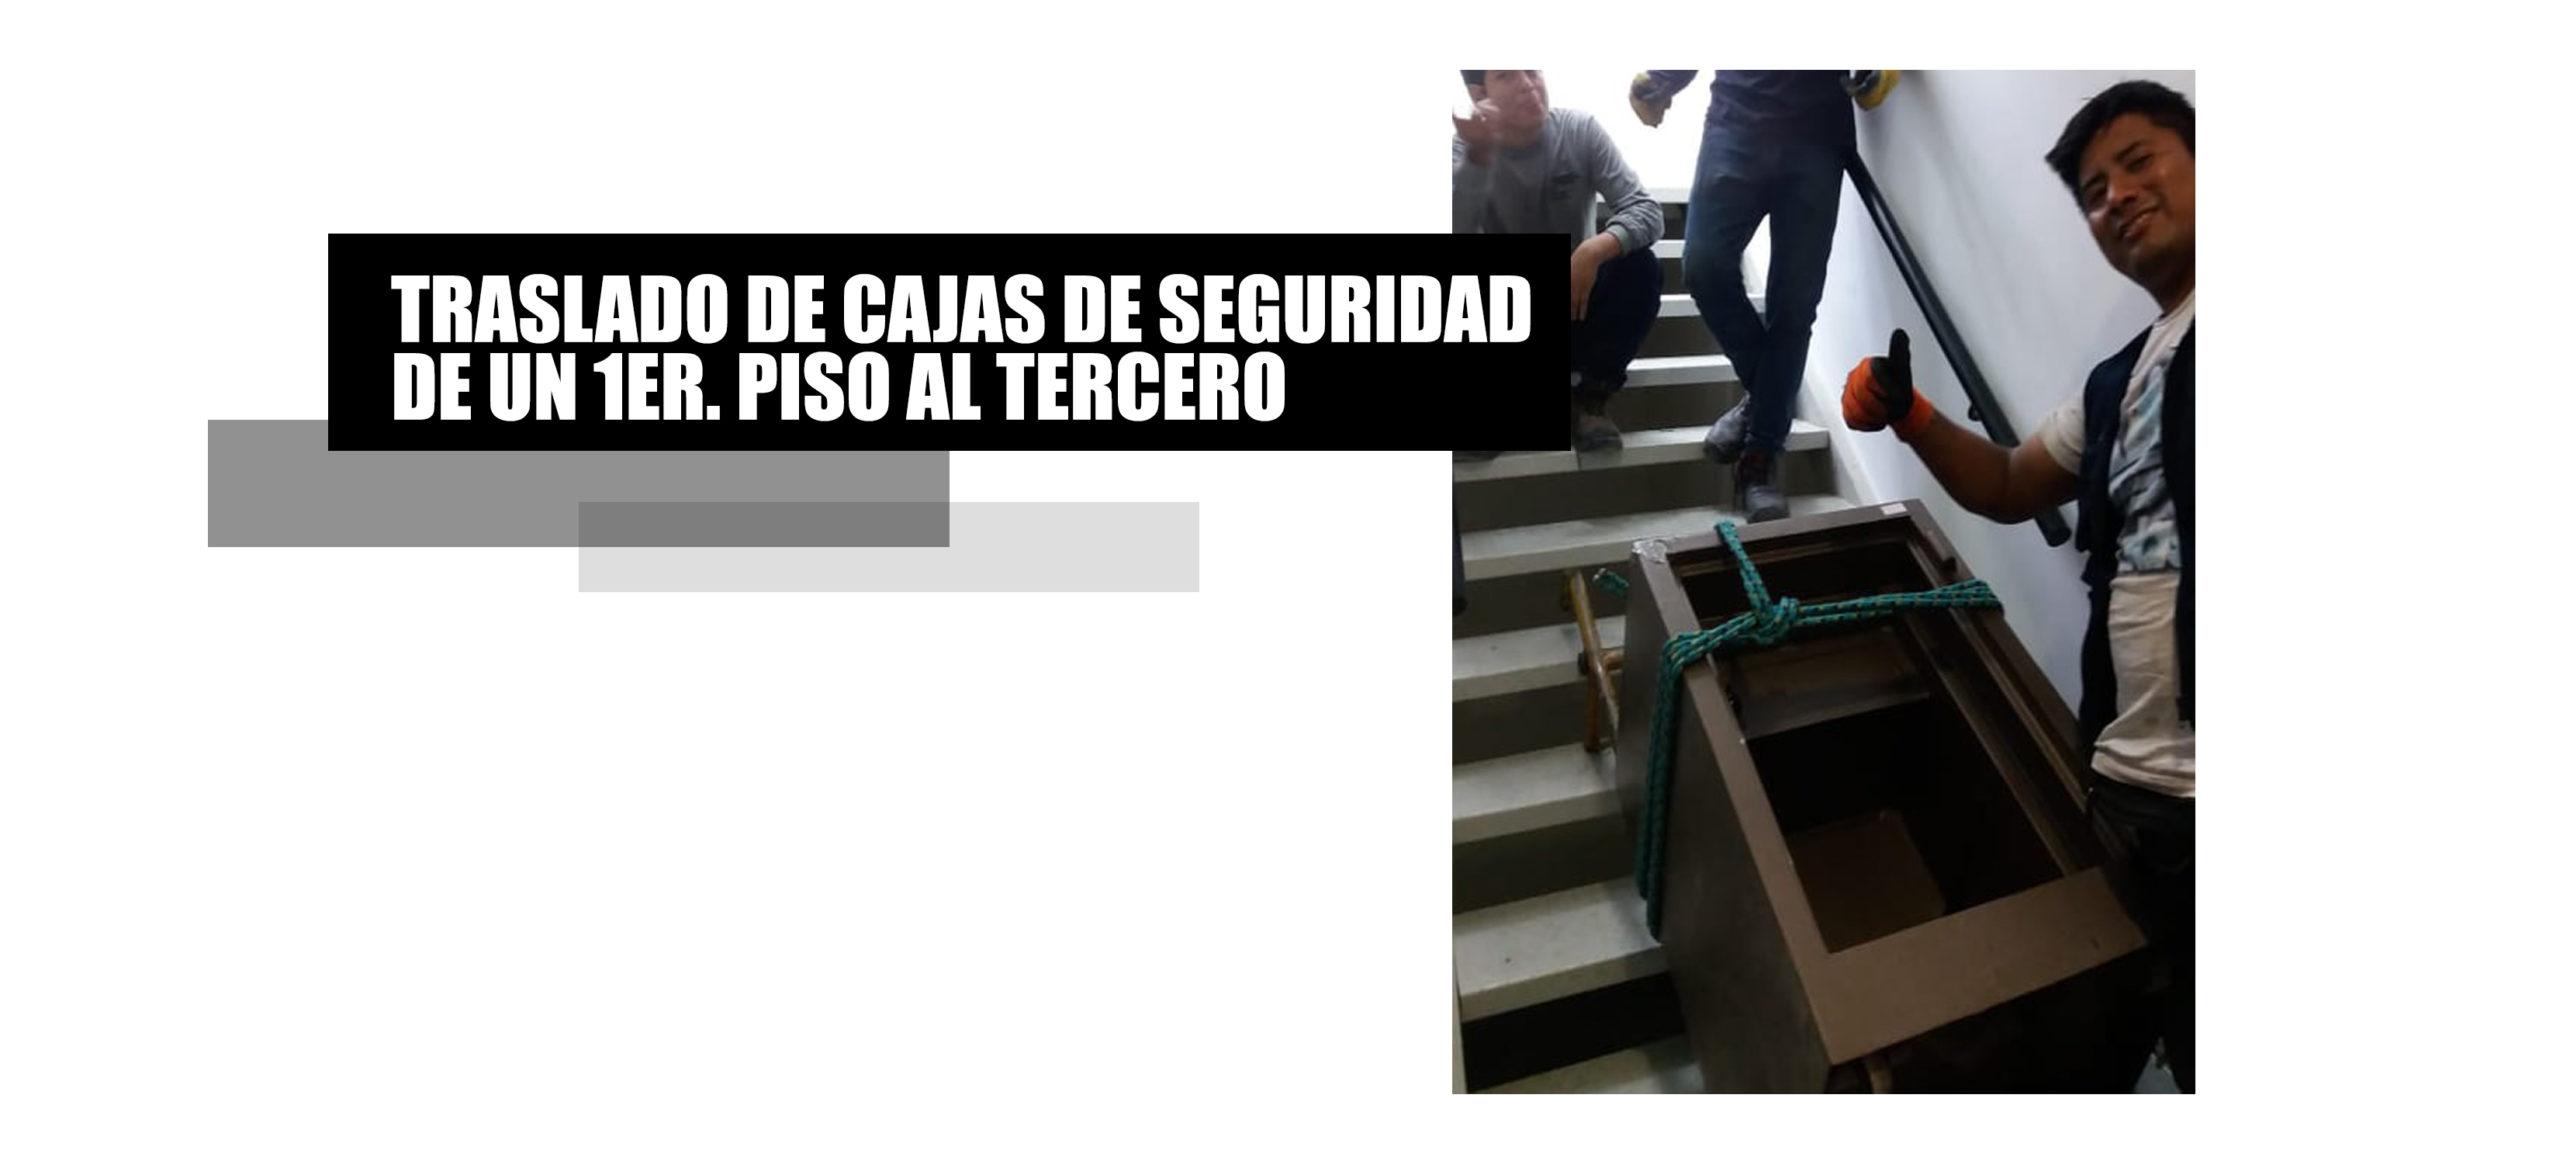 Traslado de cajas de seguridad en Lima y provincias.